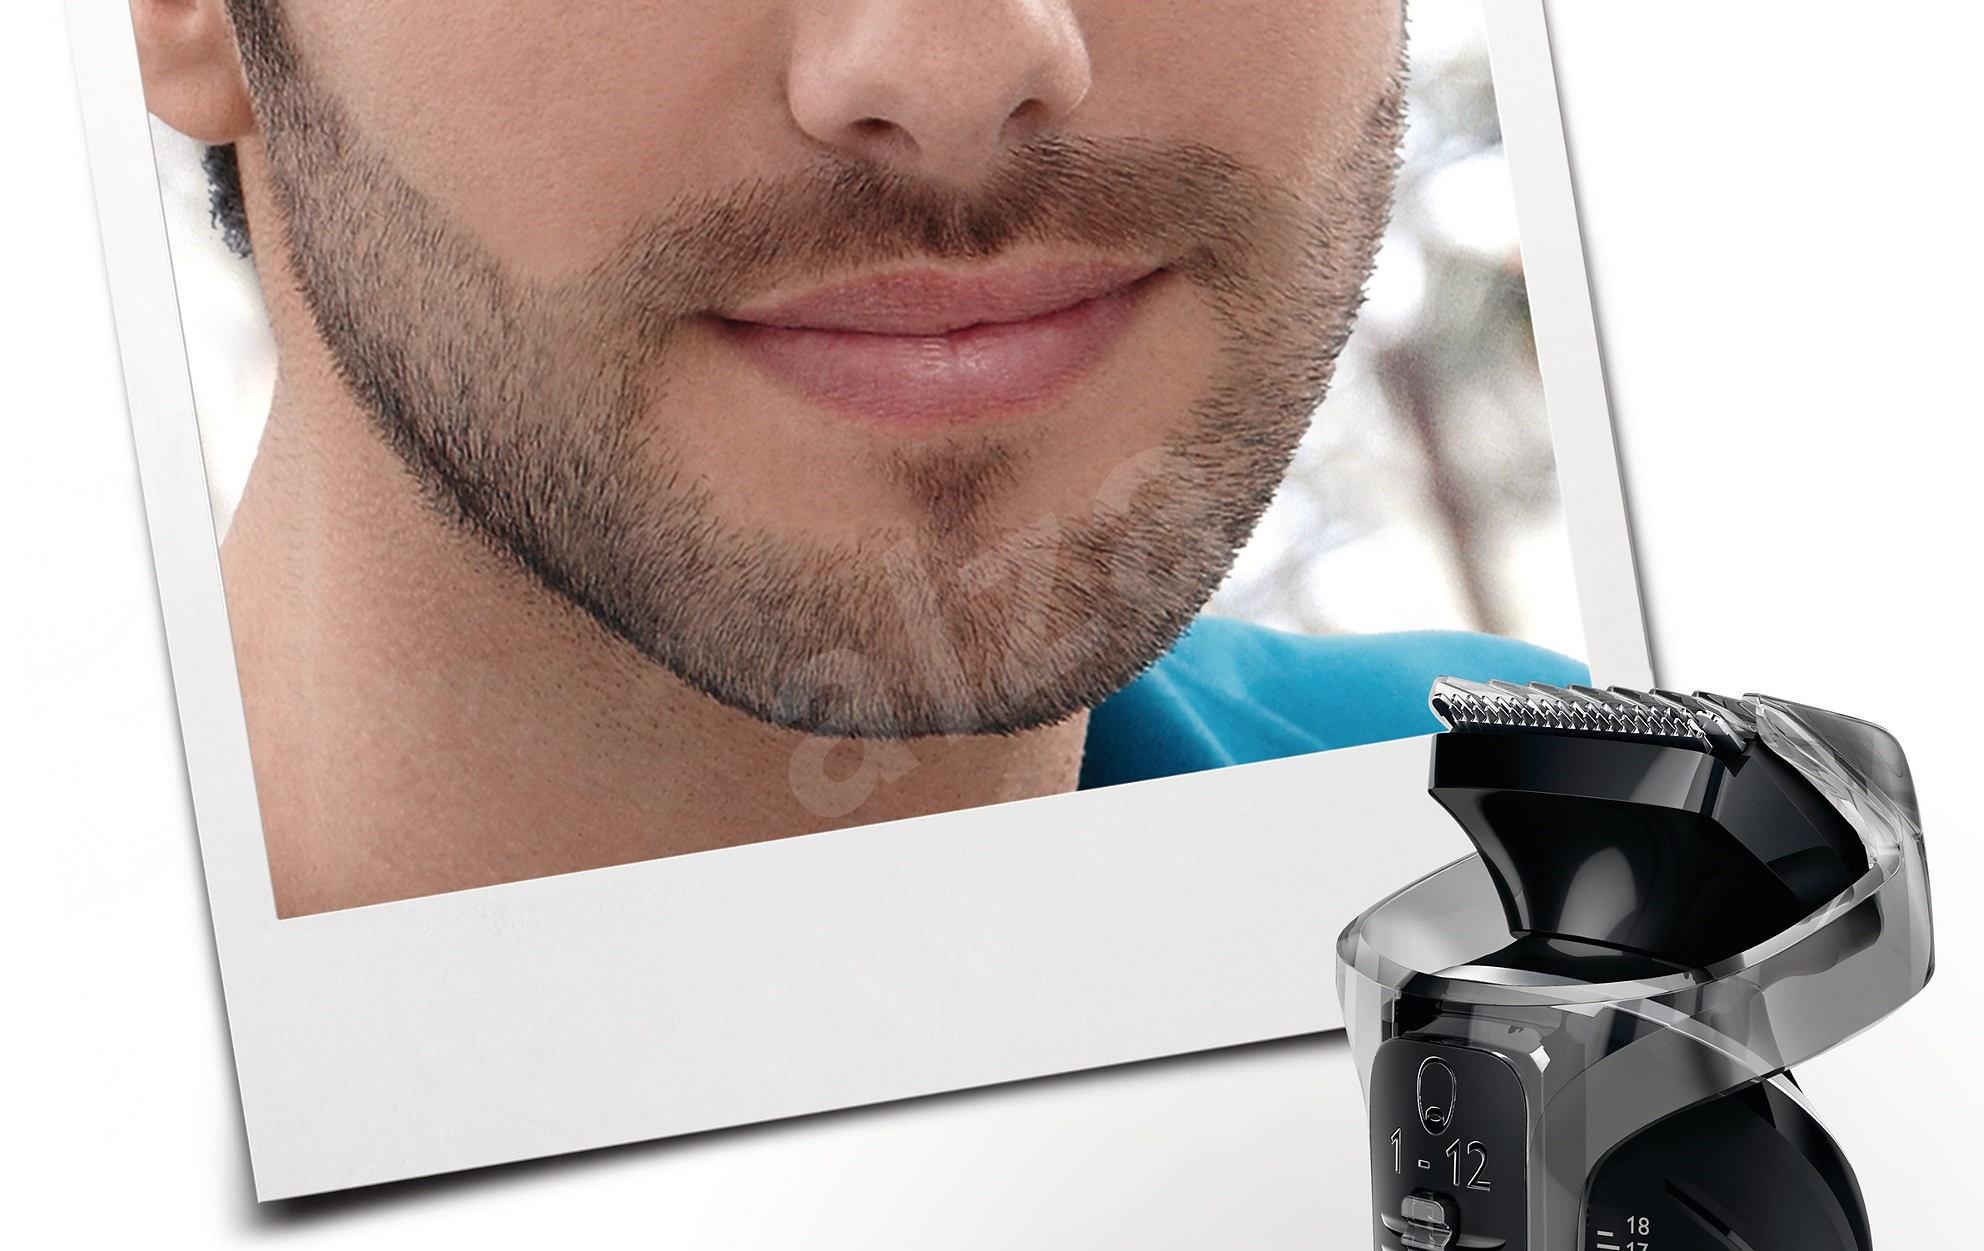 Триммер для стрижки бровей как выбрать и пользоваться